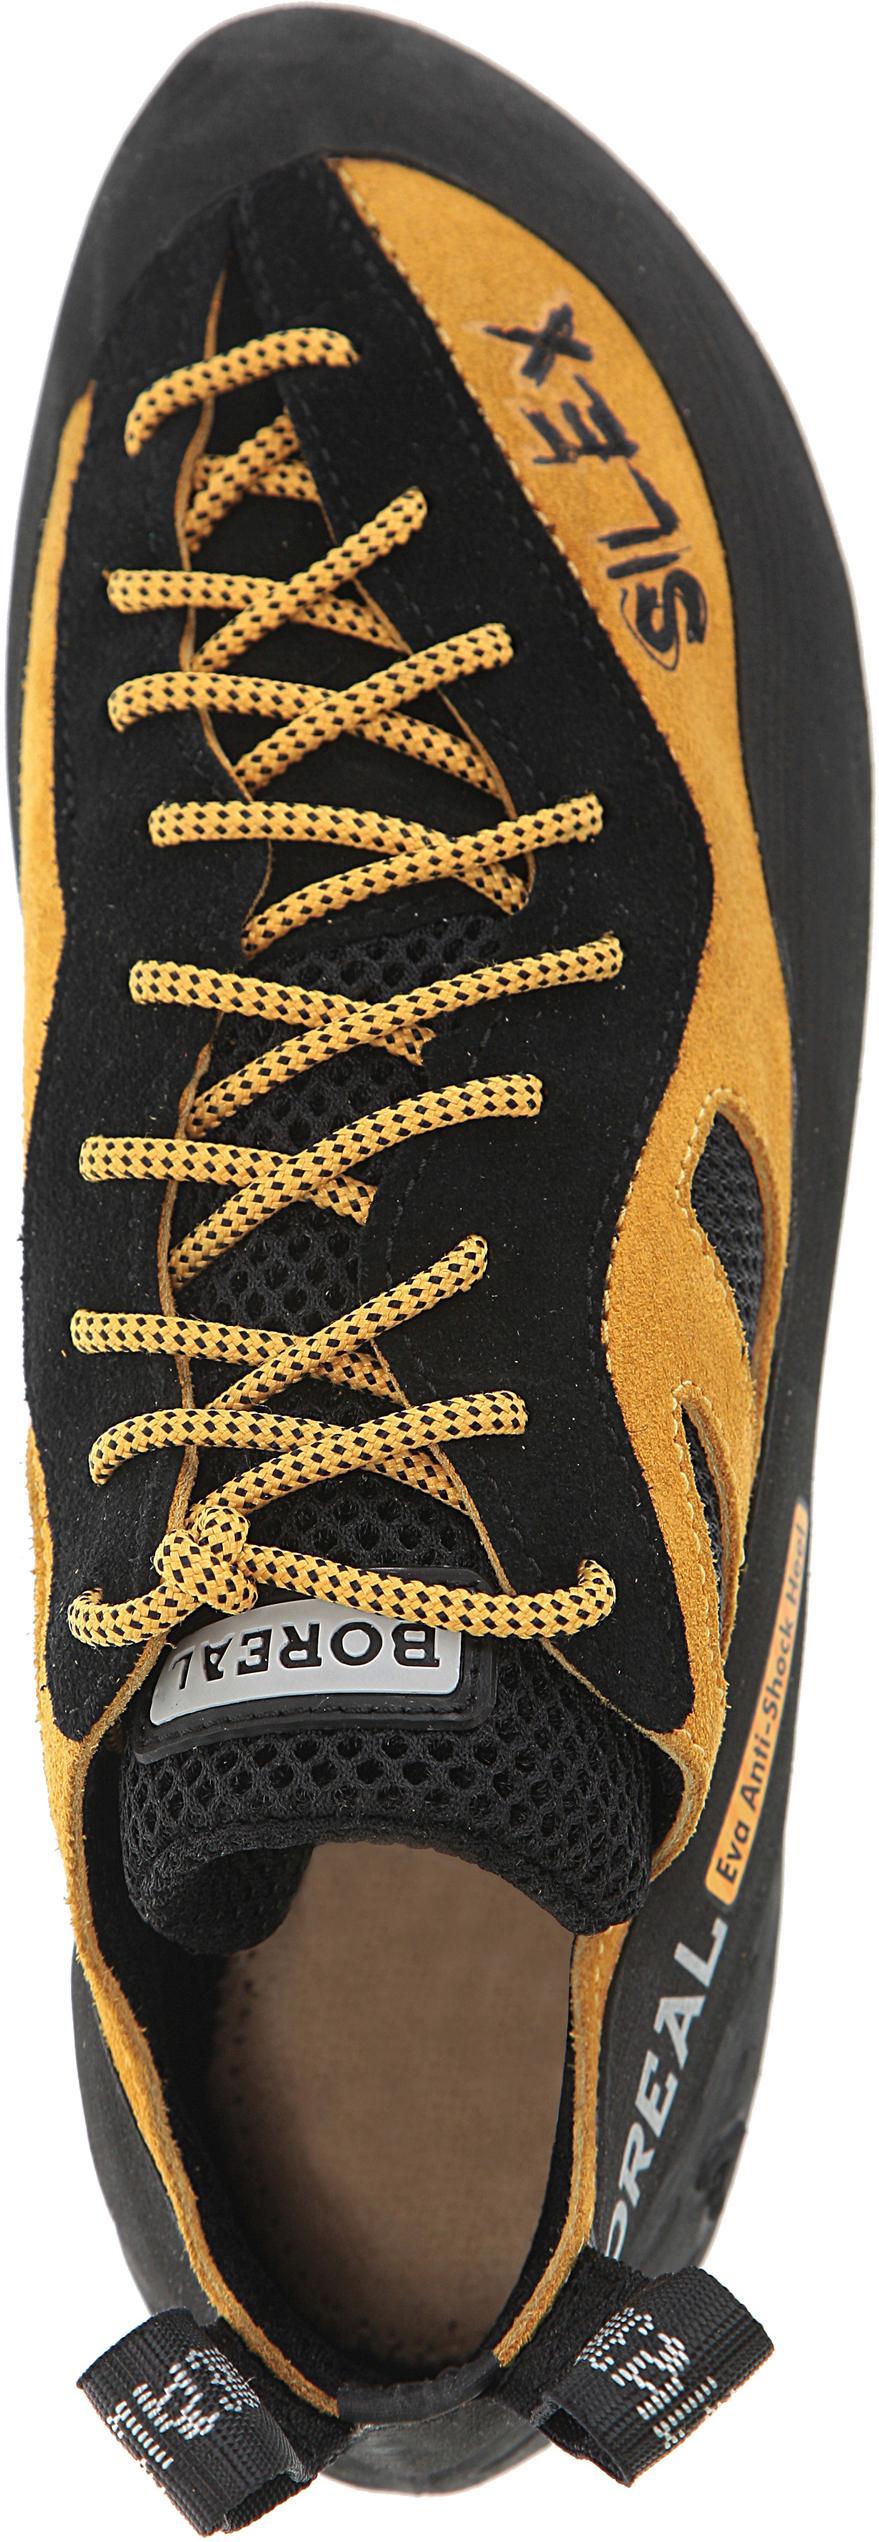 BOREAL Silex Kletterschuhe Kletterschuhe Kletterschuhe Herren schwarz gelb im Online Shop von SportScheck kaufen Gute Qualität beliebte Schuhe b7cbf7